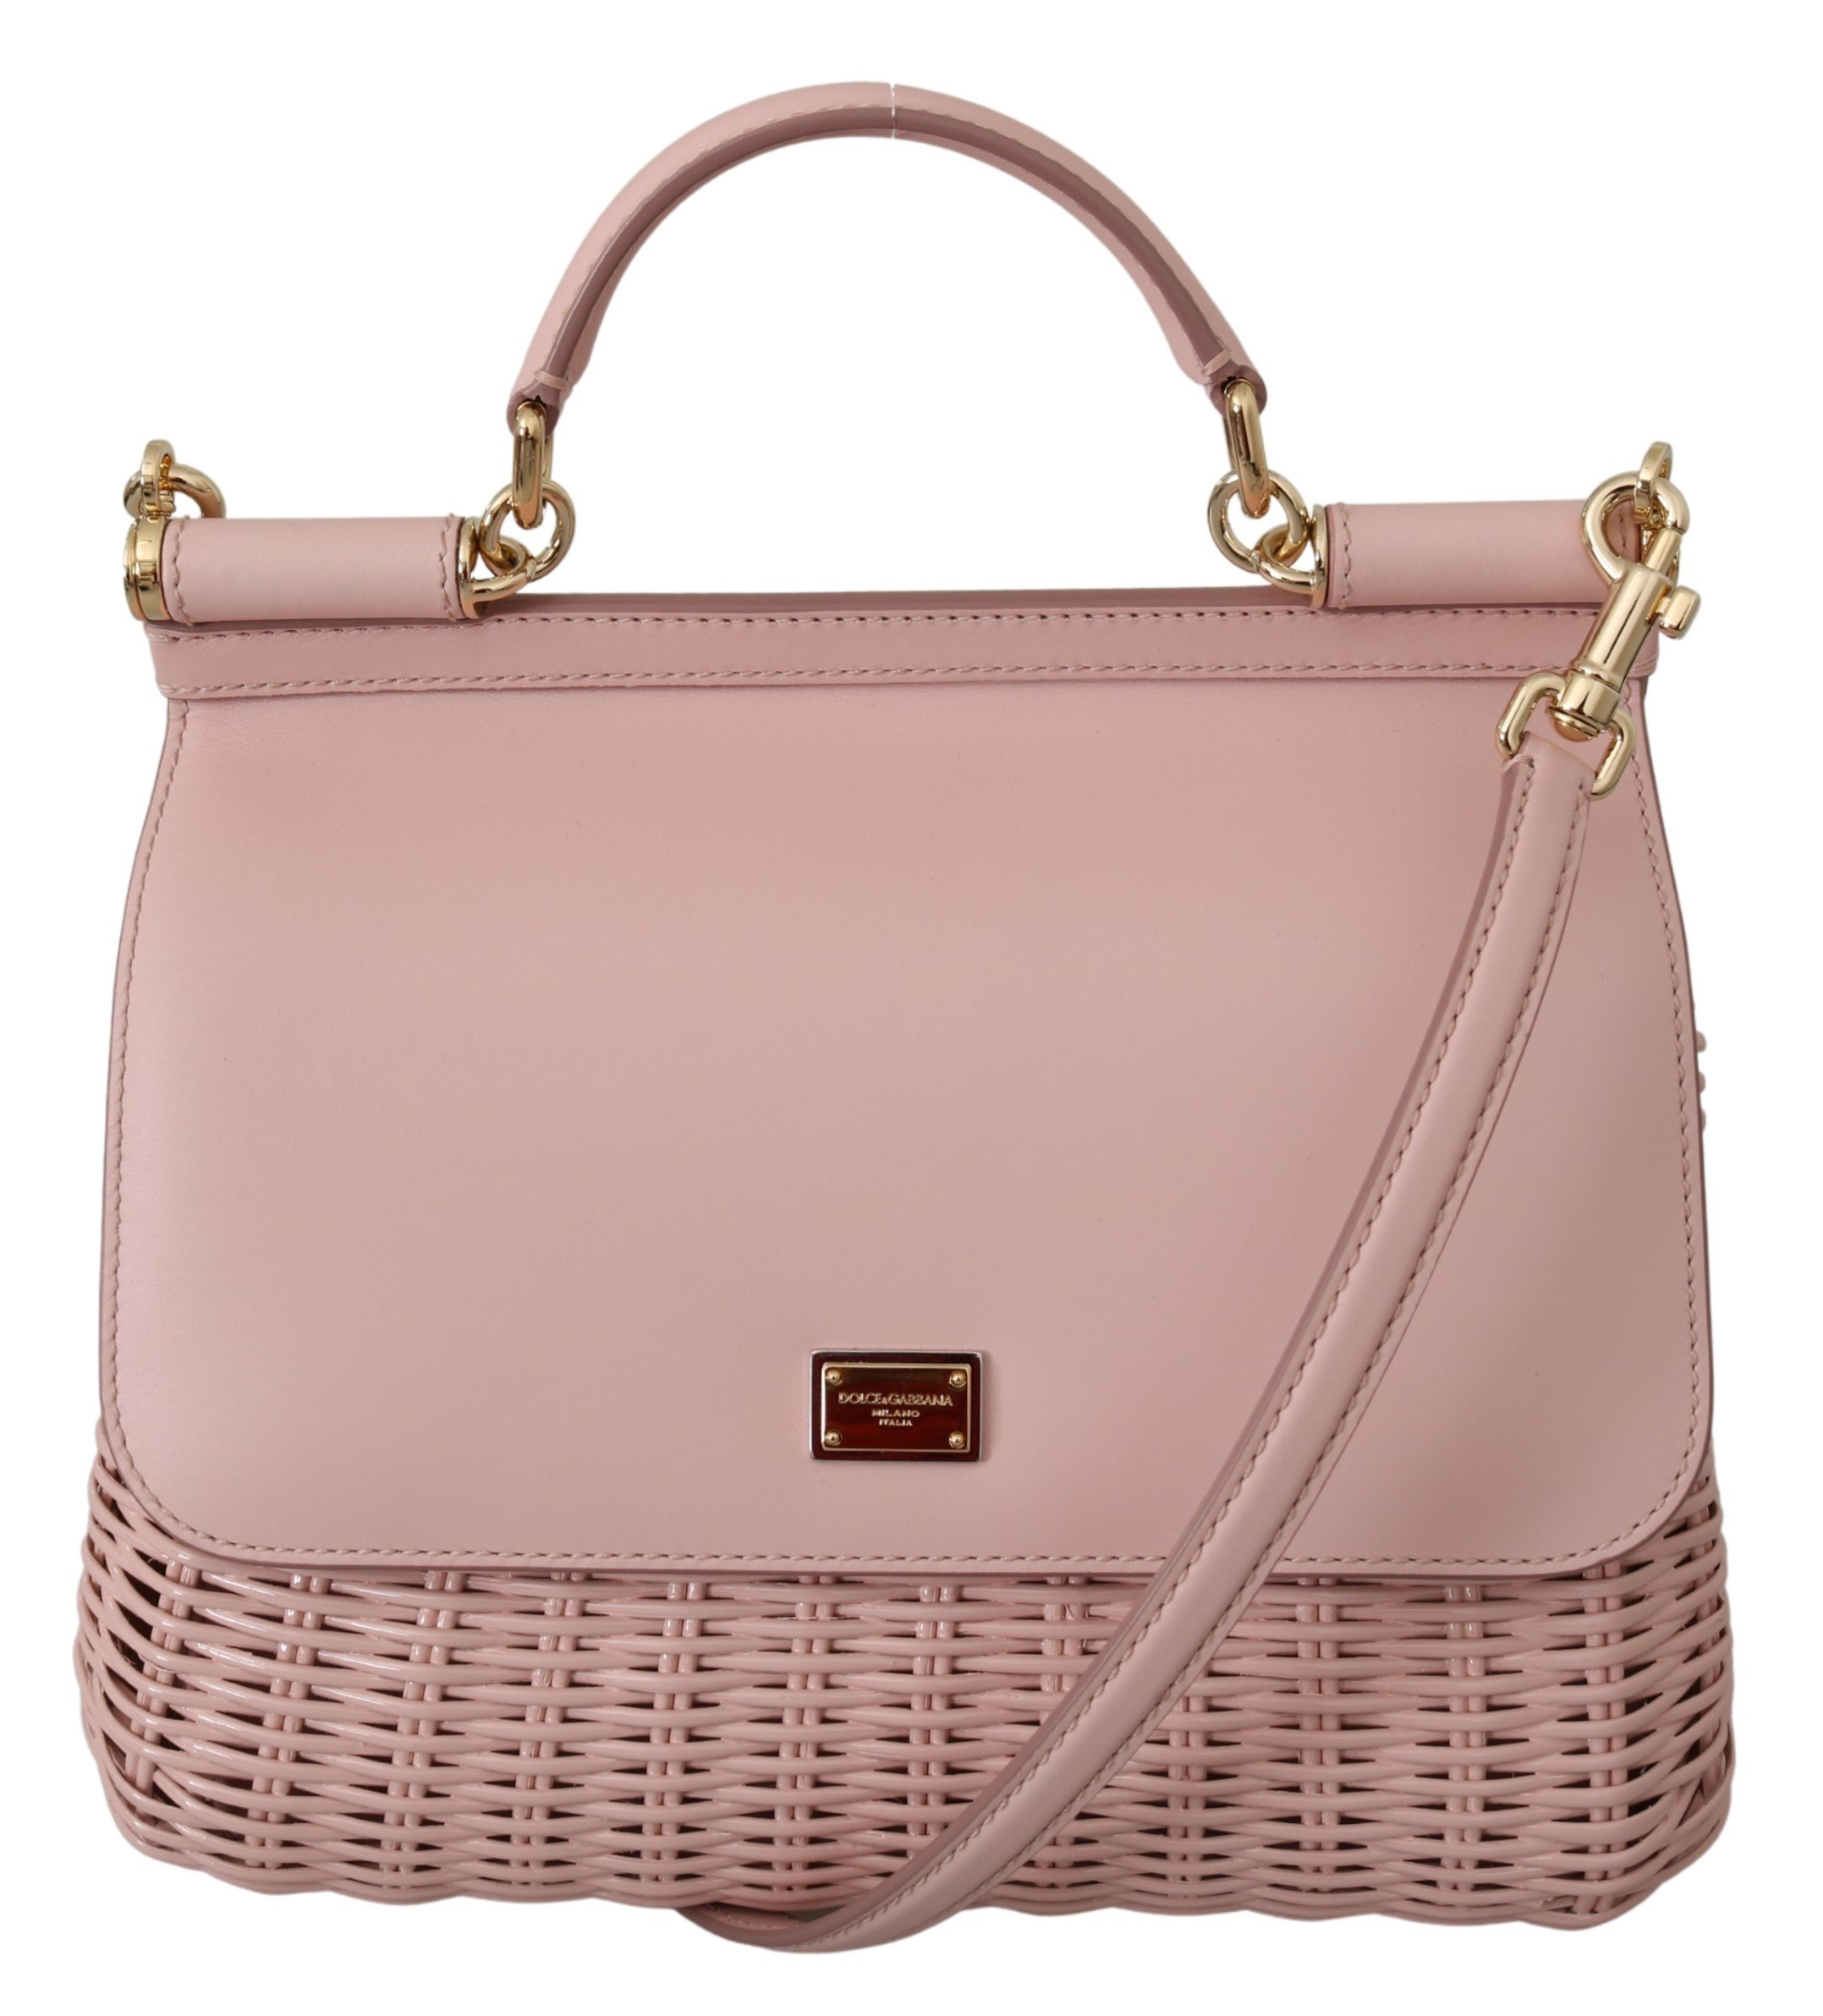 Dolce & Gabbana Women's SICILY Shoulder Bag Pink VAS10006